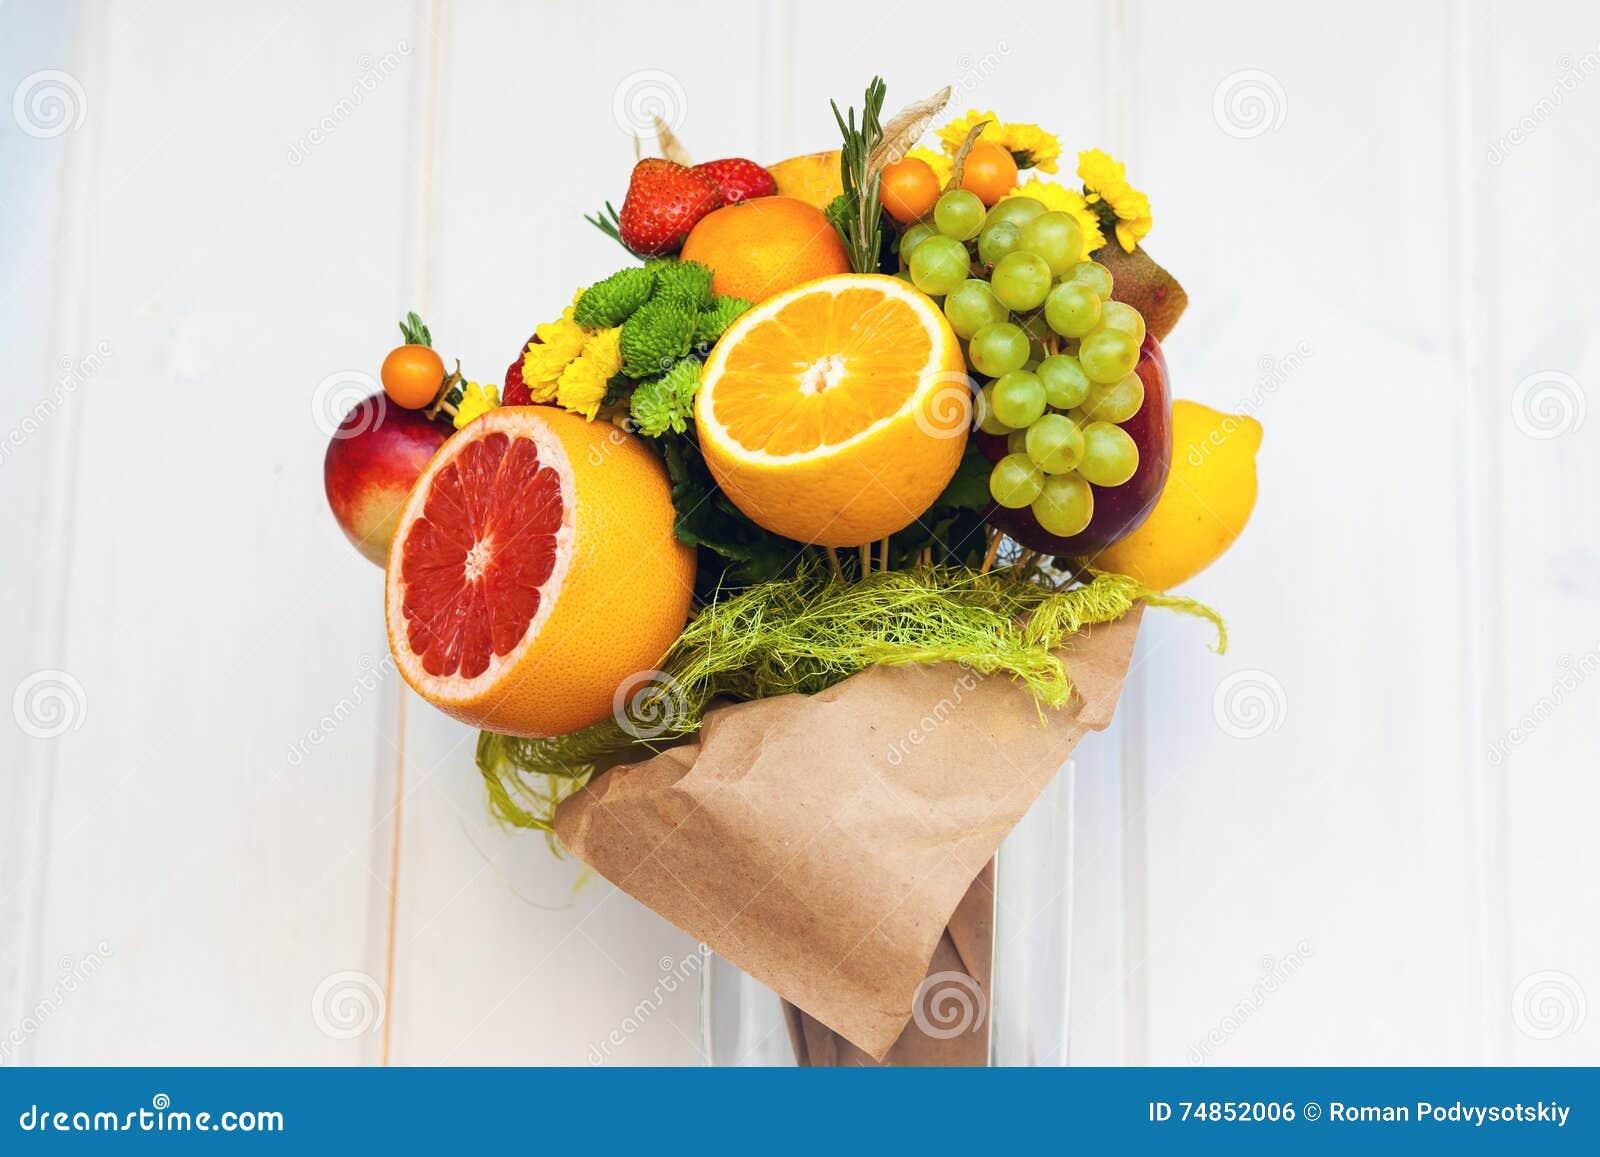 le bouquet comestible peu commun original des fruits photo stock image du floral c nes 74852006. Black Bedroom Furniture Sets. Home Design Ideas